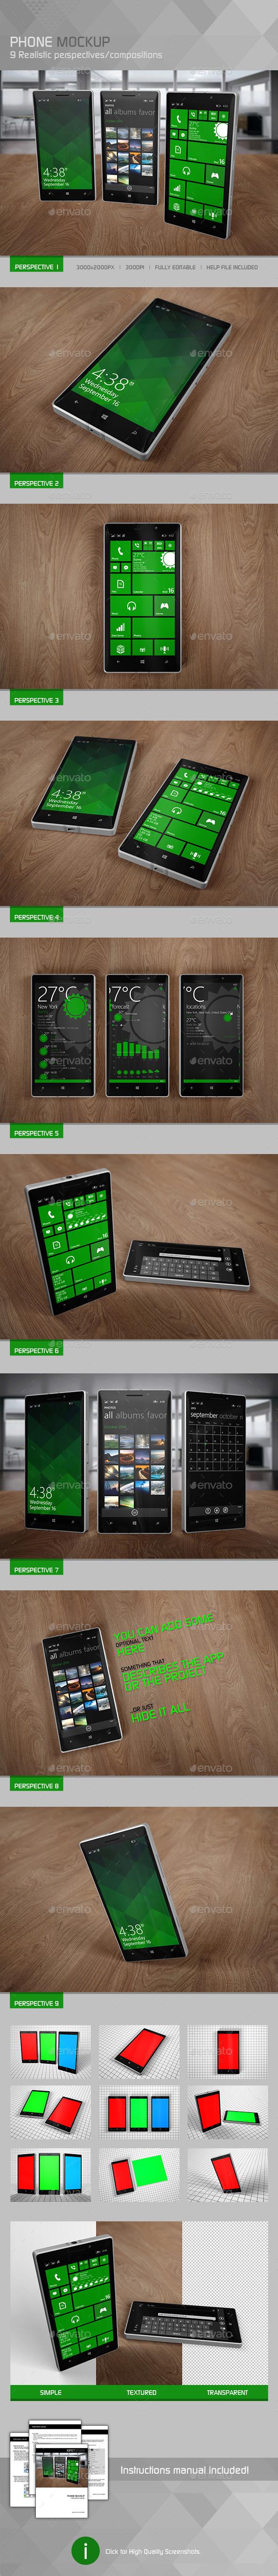 Realistic Phone Mockup 2 - Mobile Displays